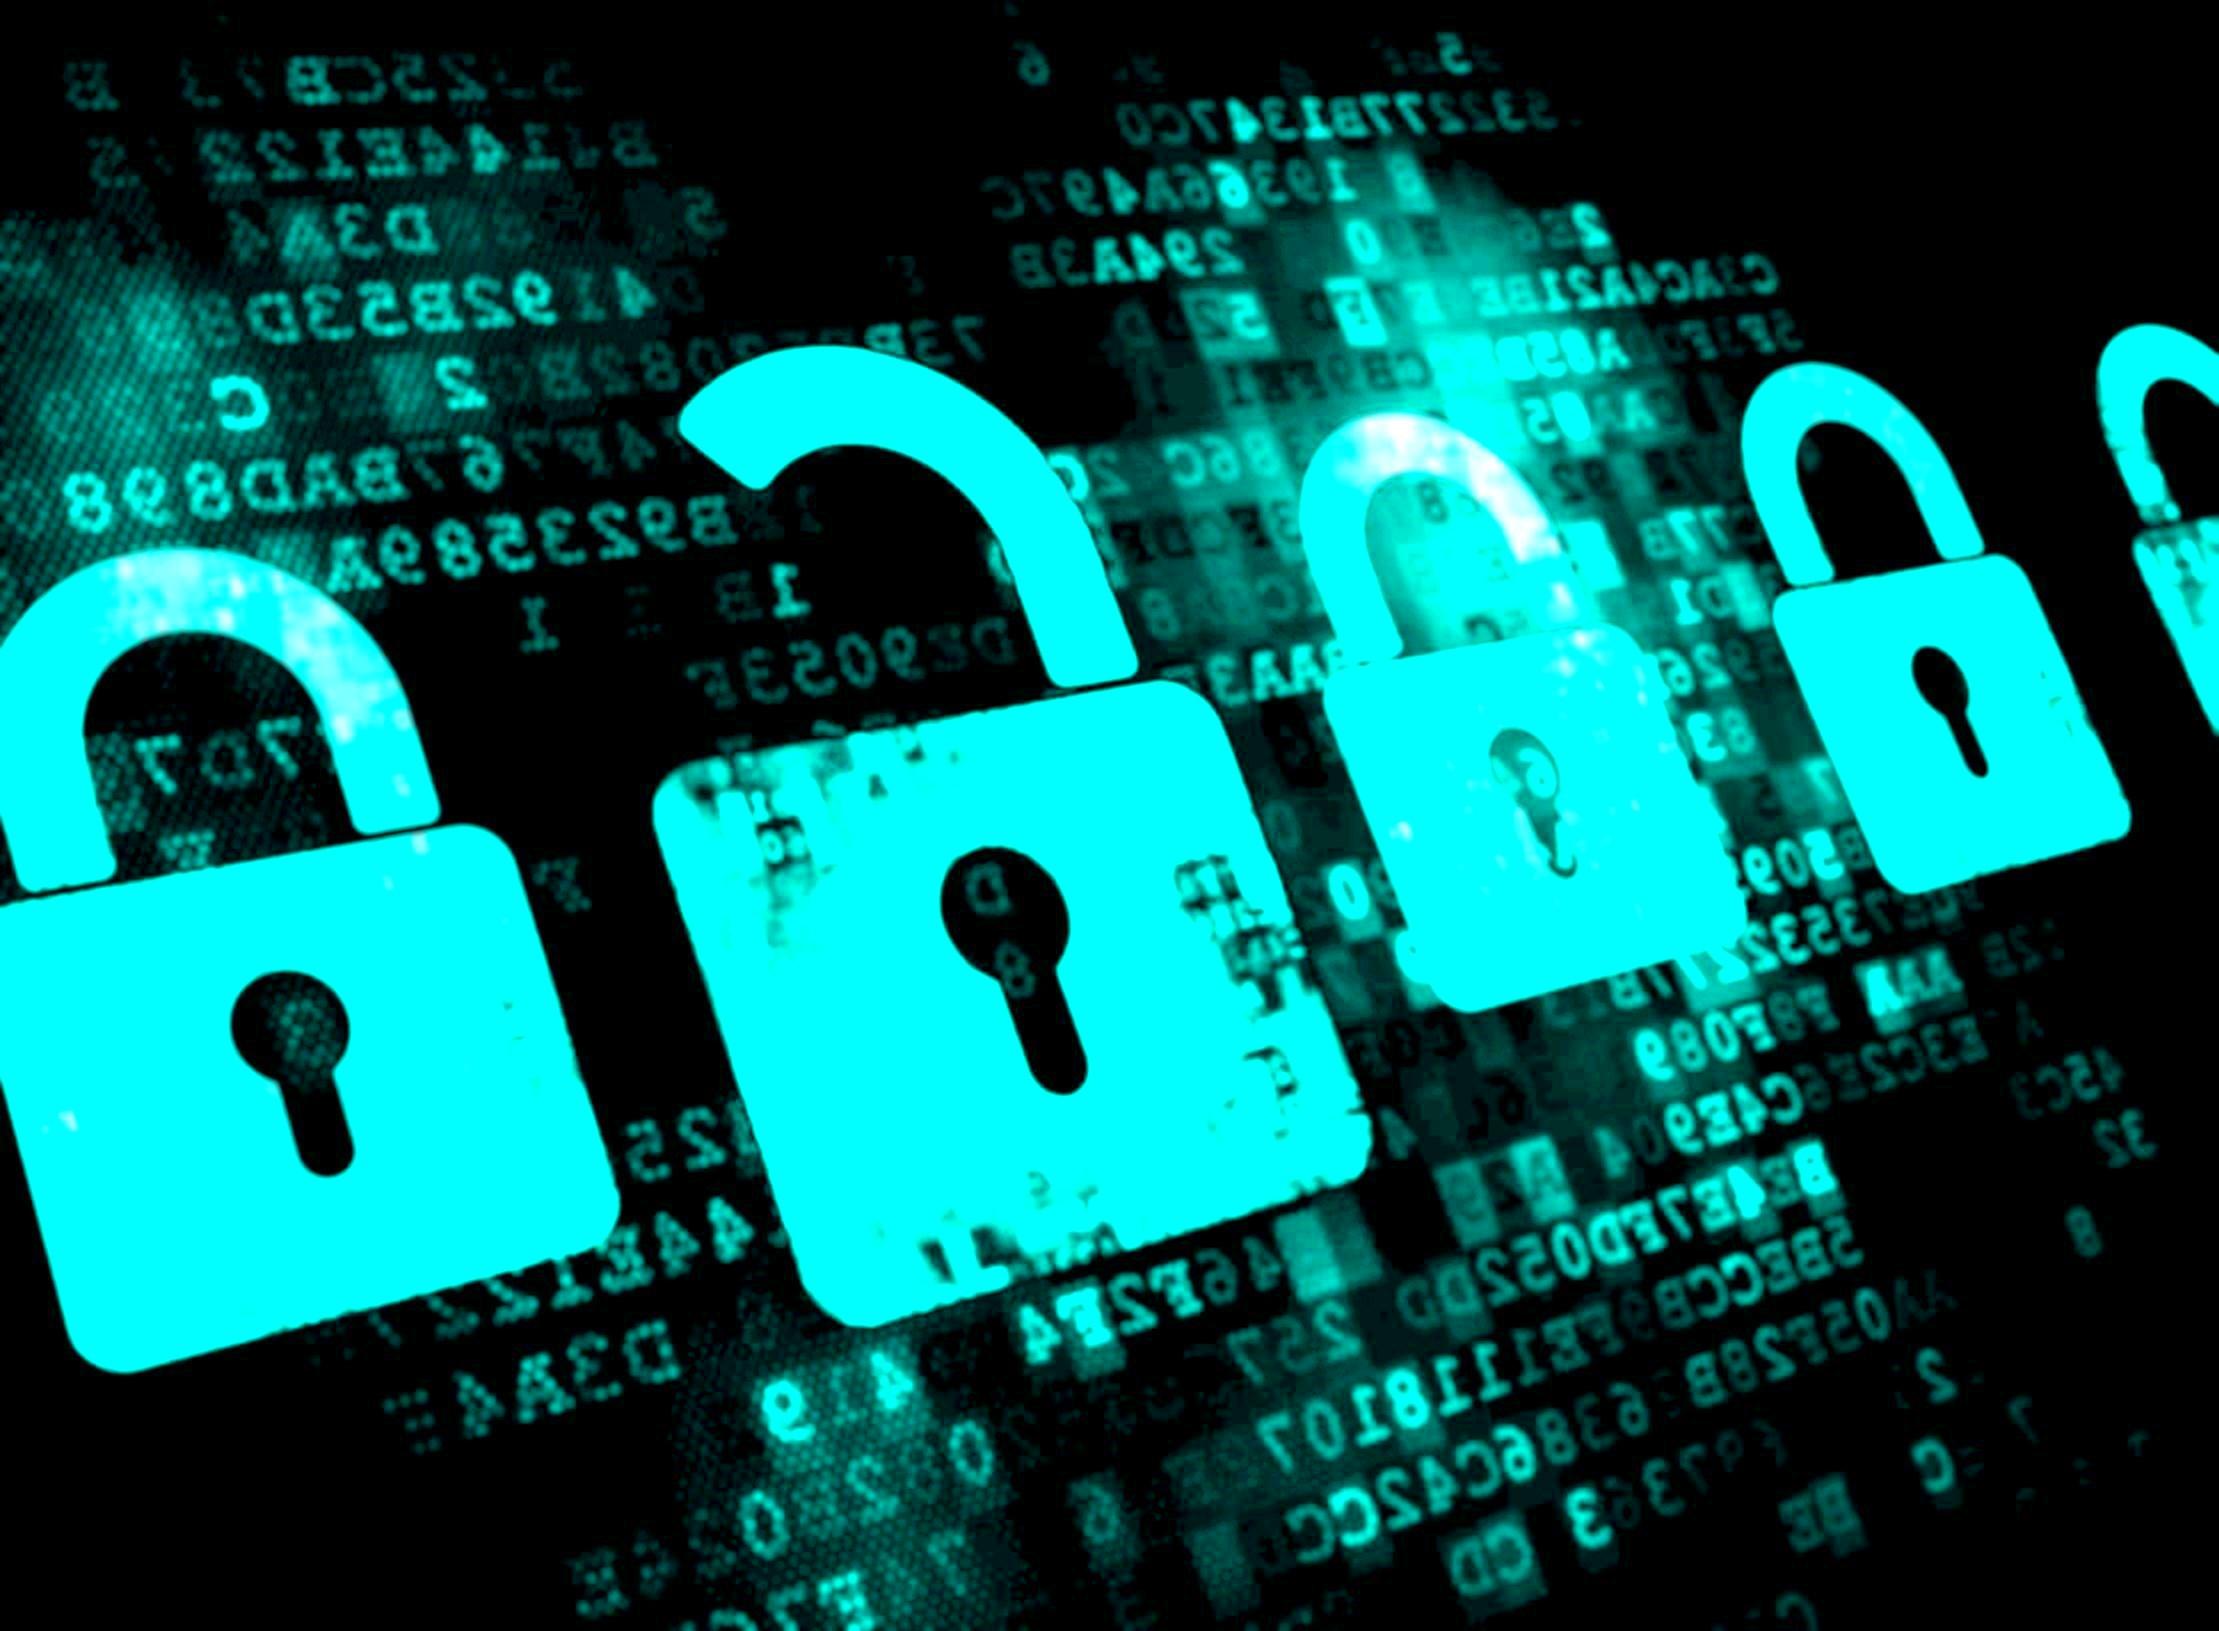 cybercrime.jpg